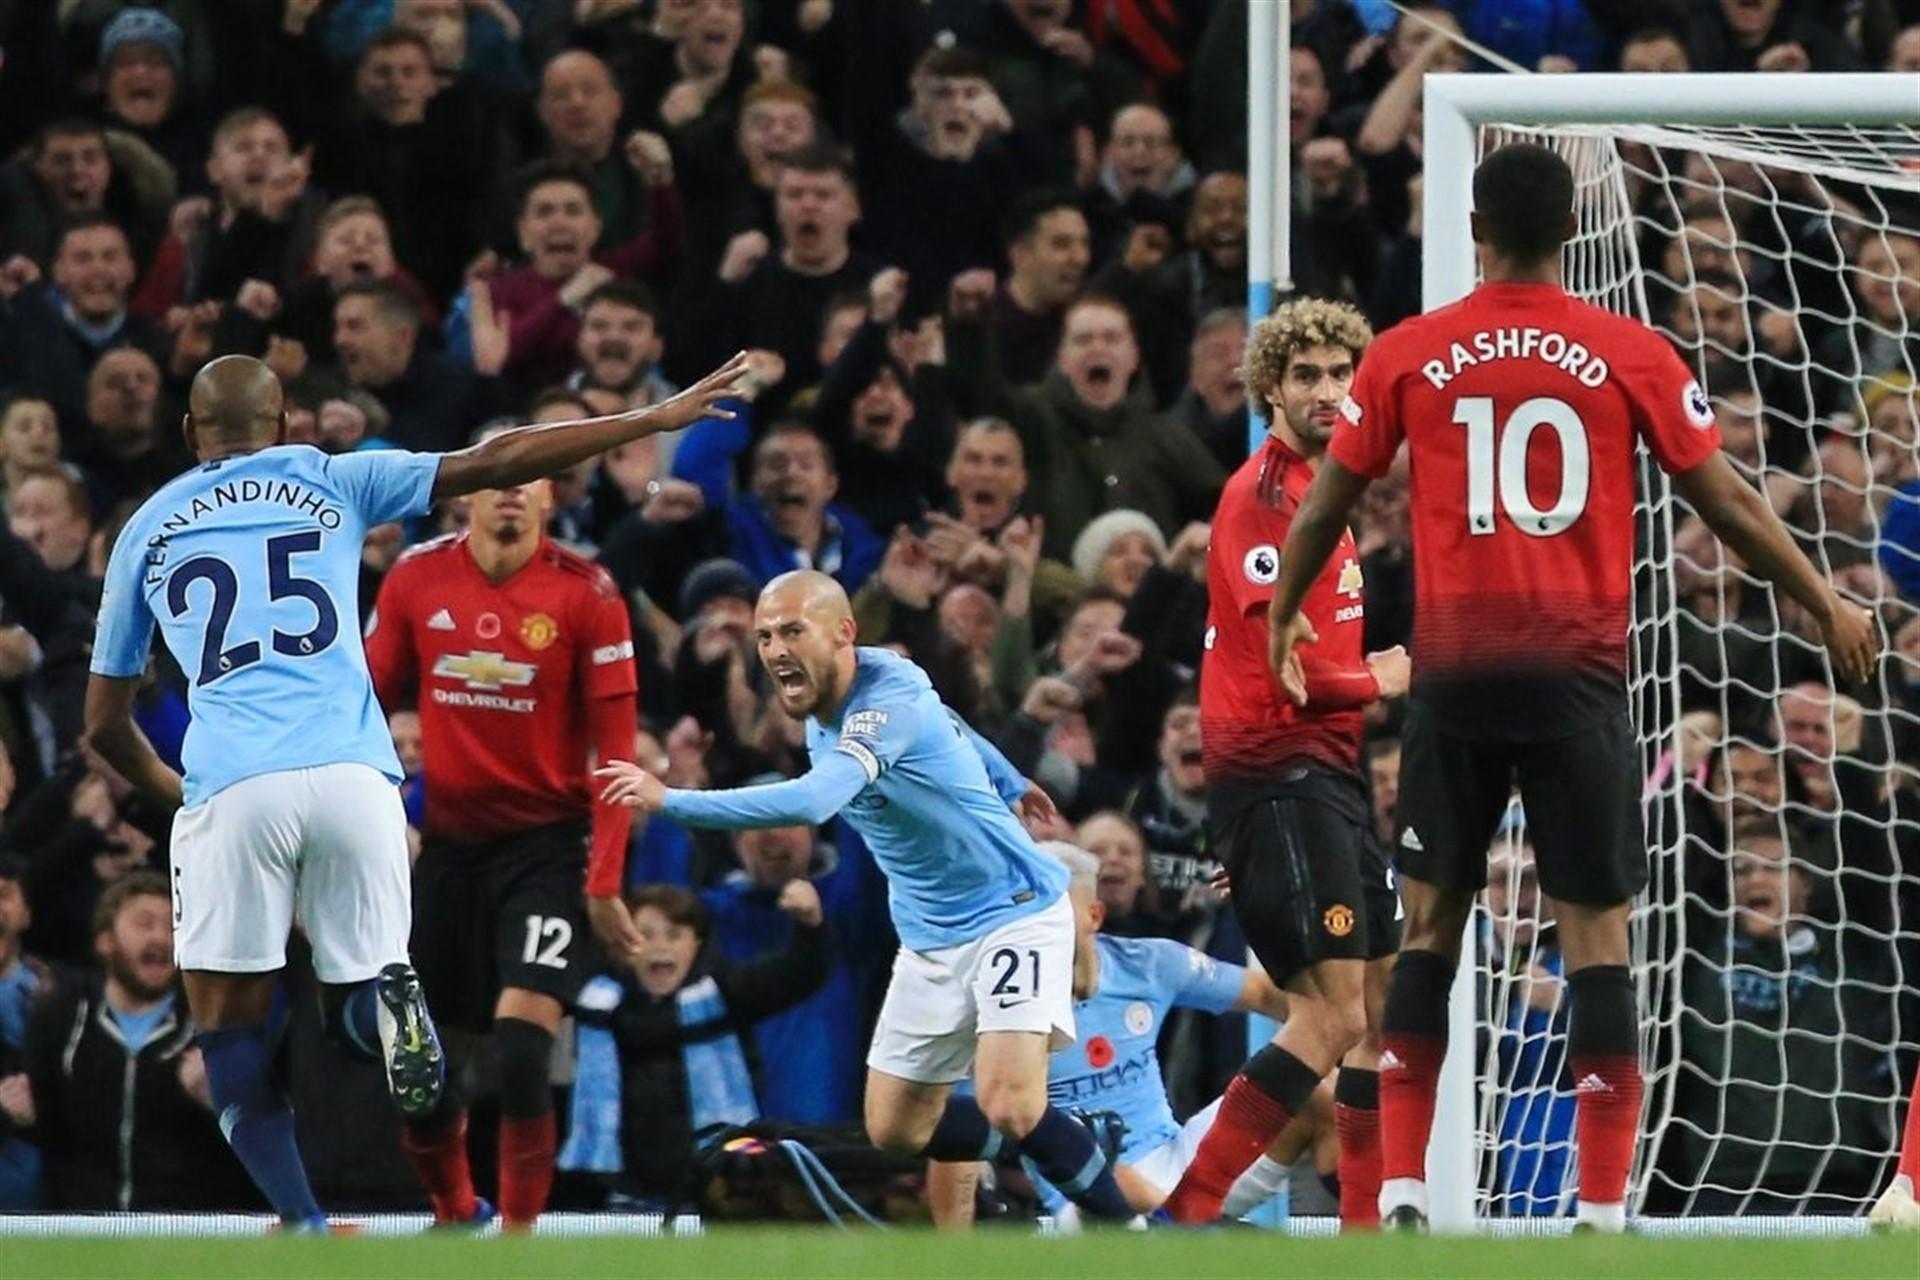 El City se adjudica el derbi de Mánchester y el Chelsea resbala